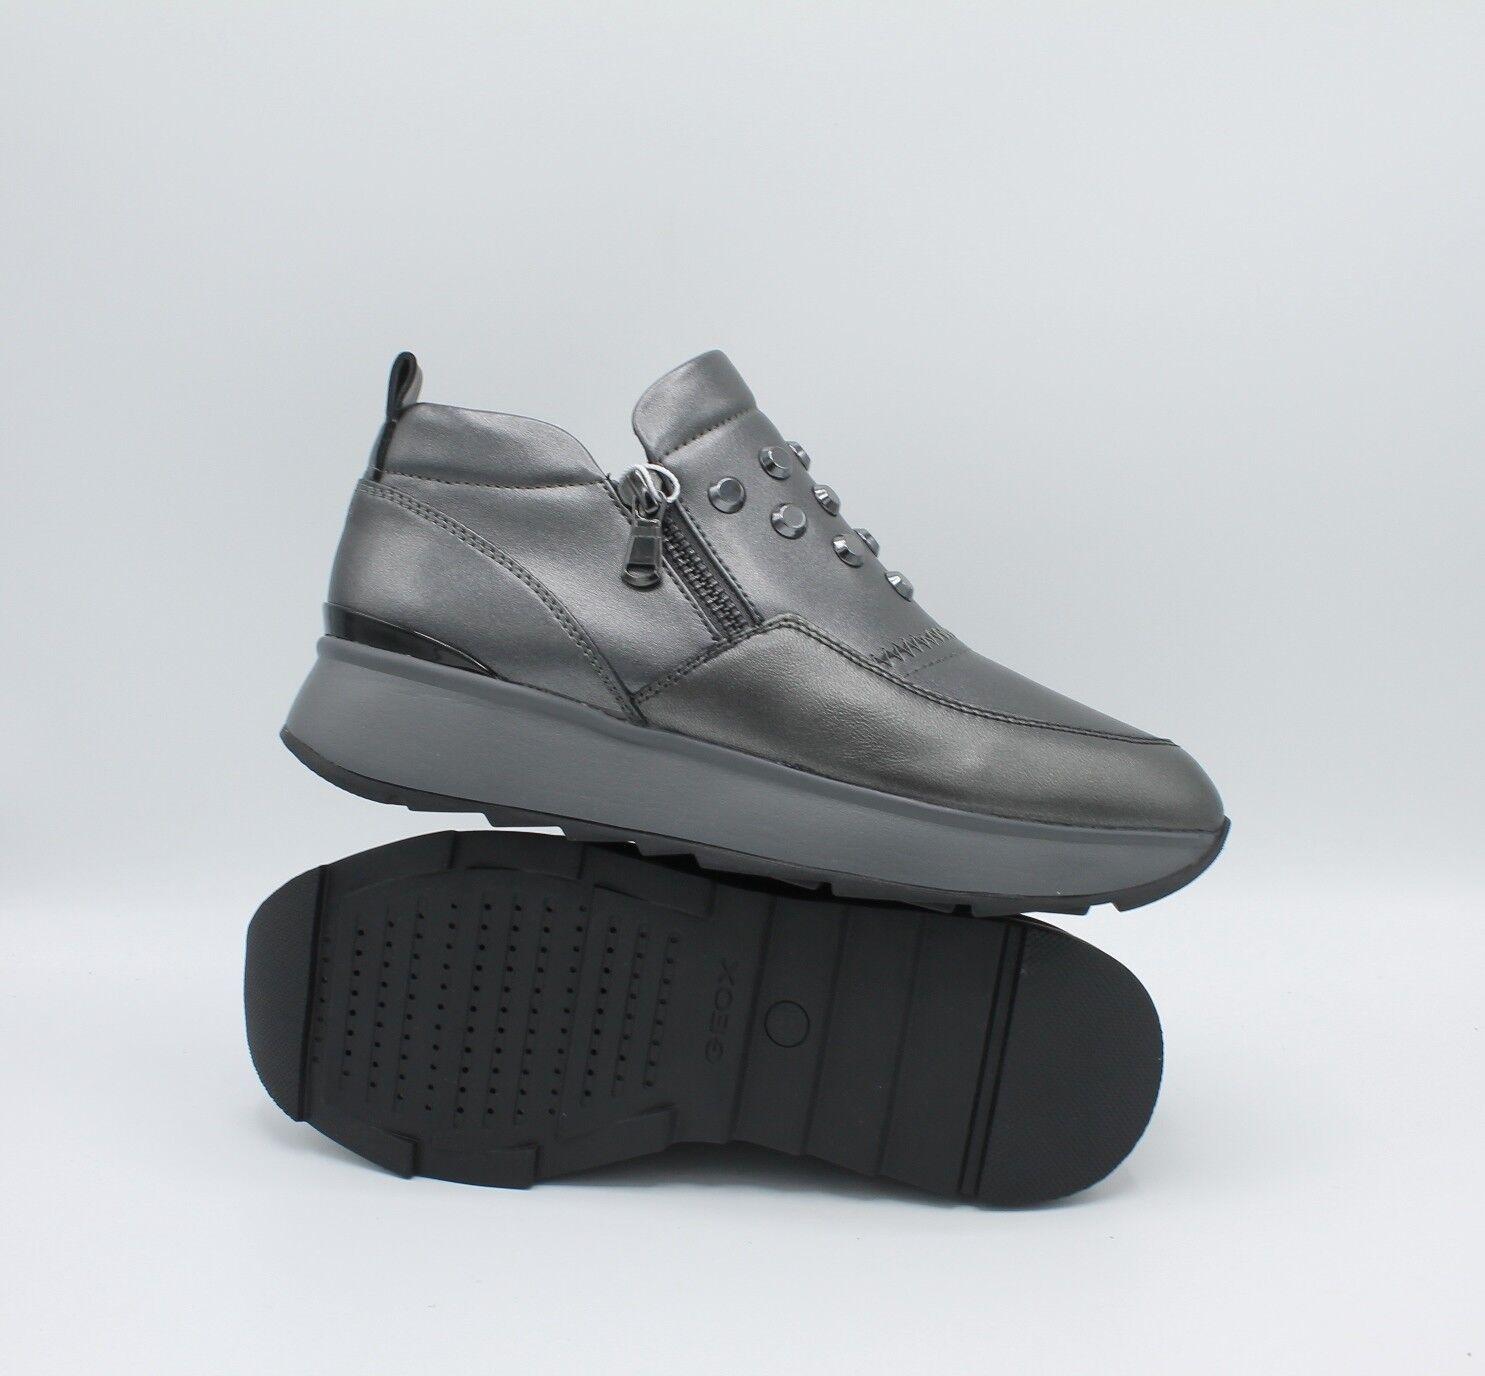 Geox Scarpe da Donna scarpe da ginnastica con Zeppa Platform Platform Platform Slip On Casual Invernale Pelle 3c3309